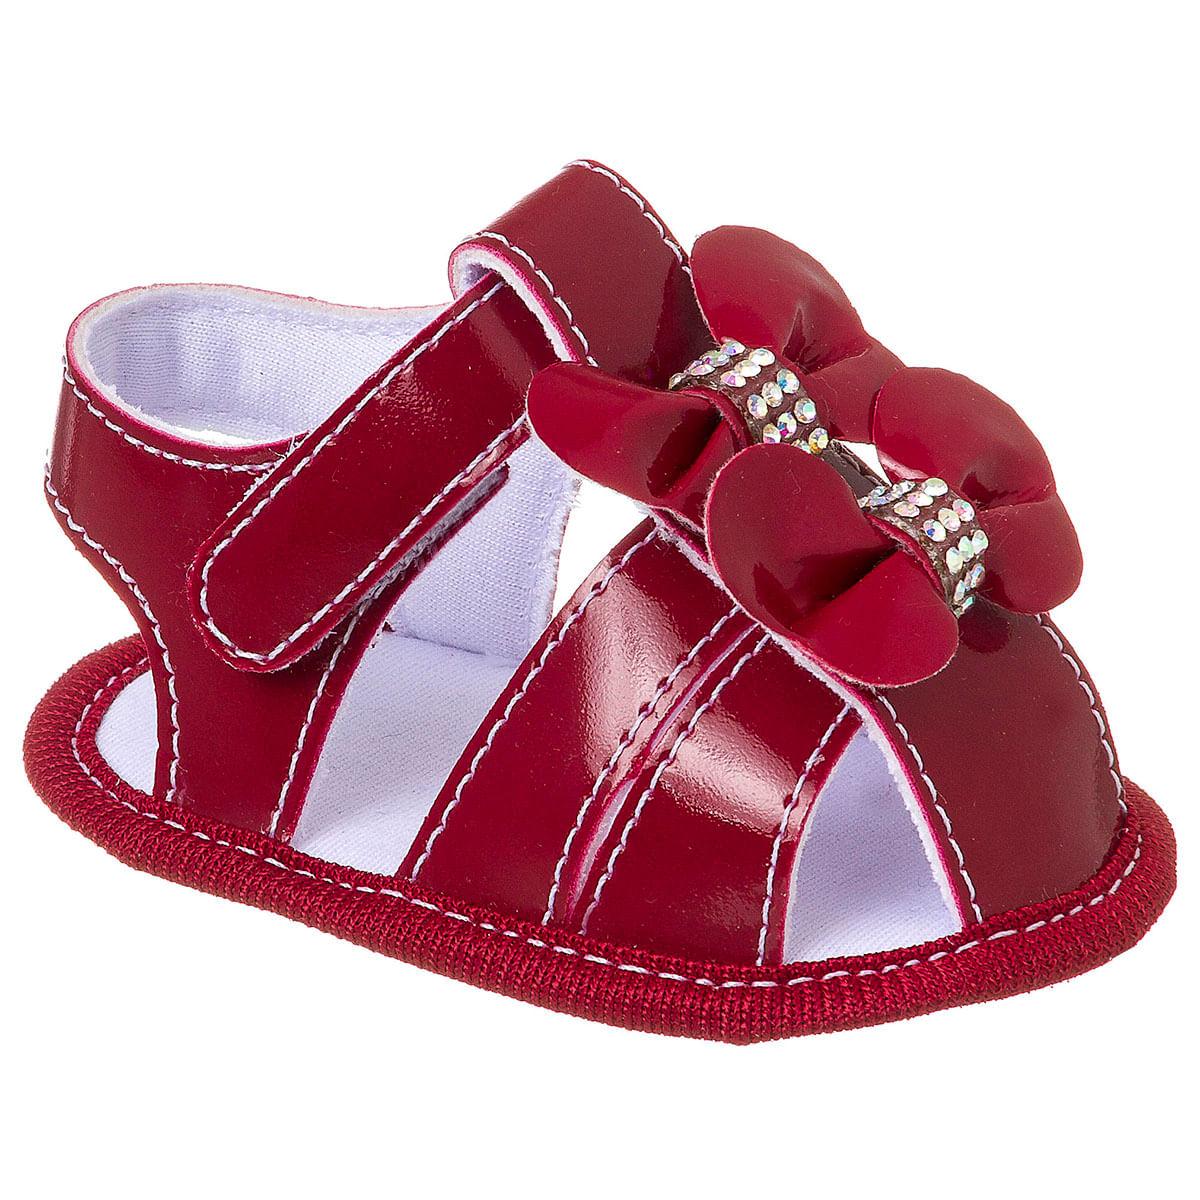 e9b7880c4 Sandália para bebê Laço & Strass Vermelha - Keto Baby no Bebefacil, a sua  loja de sapatinhos e enxoval de bebê - bebefacil